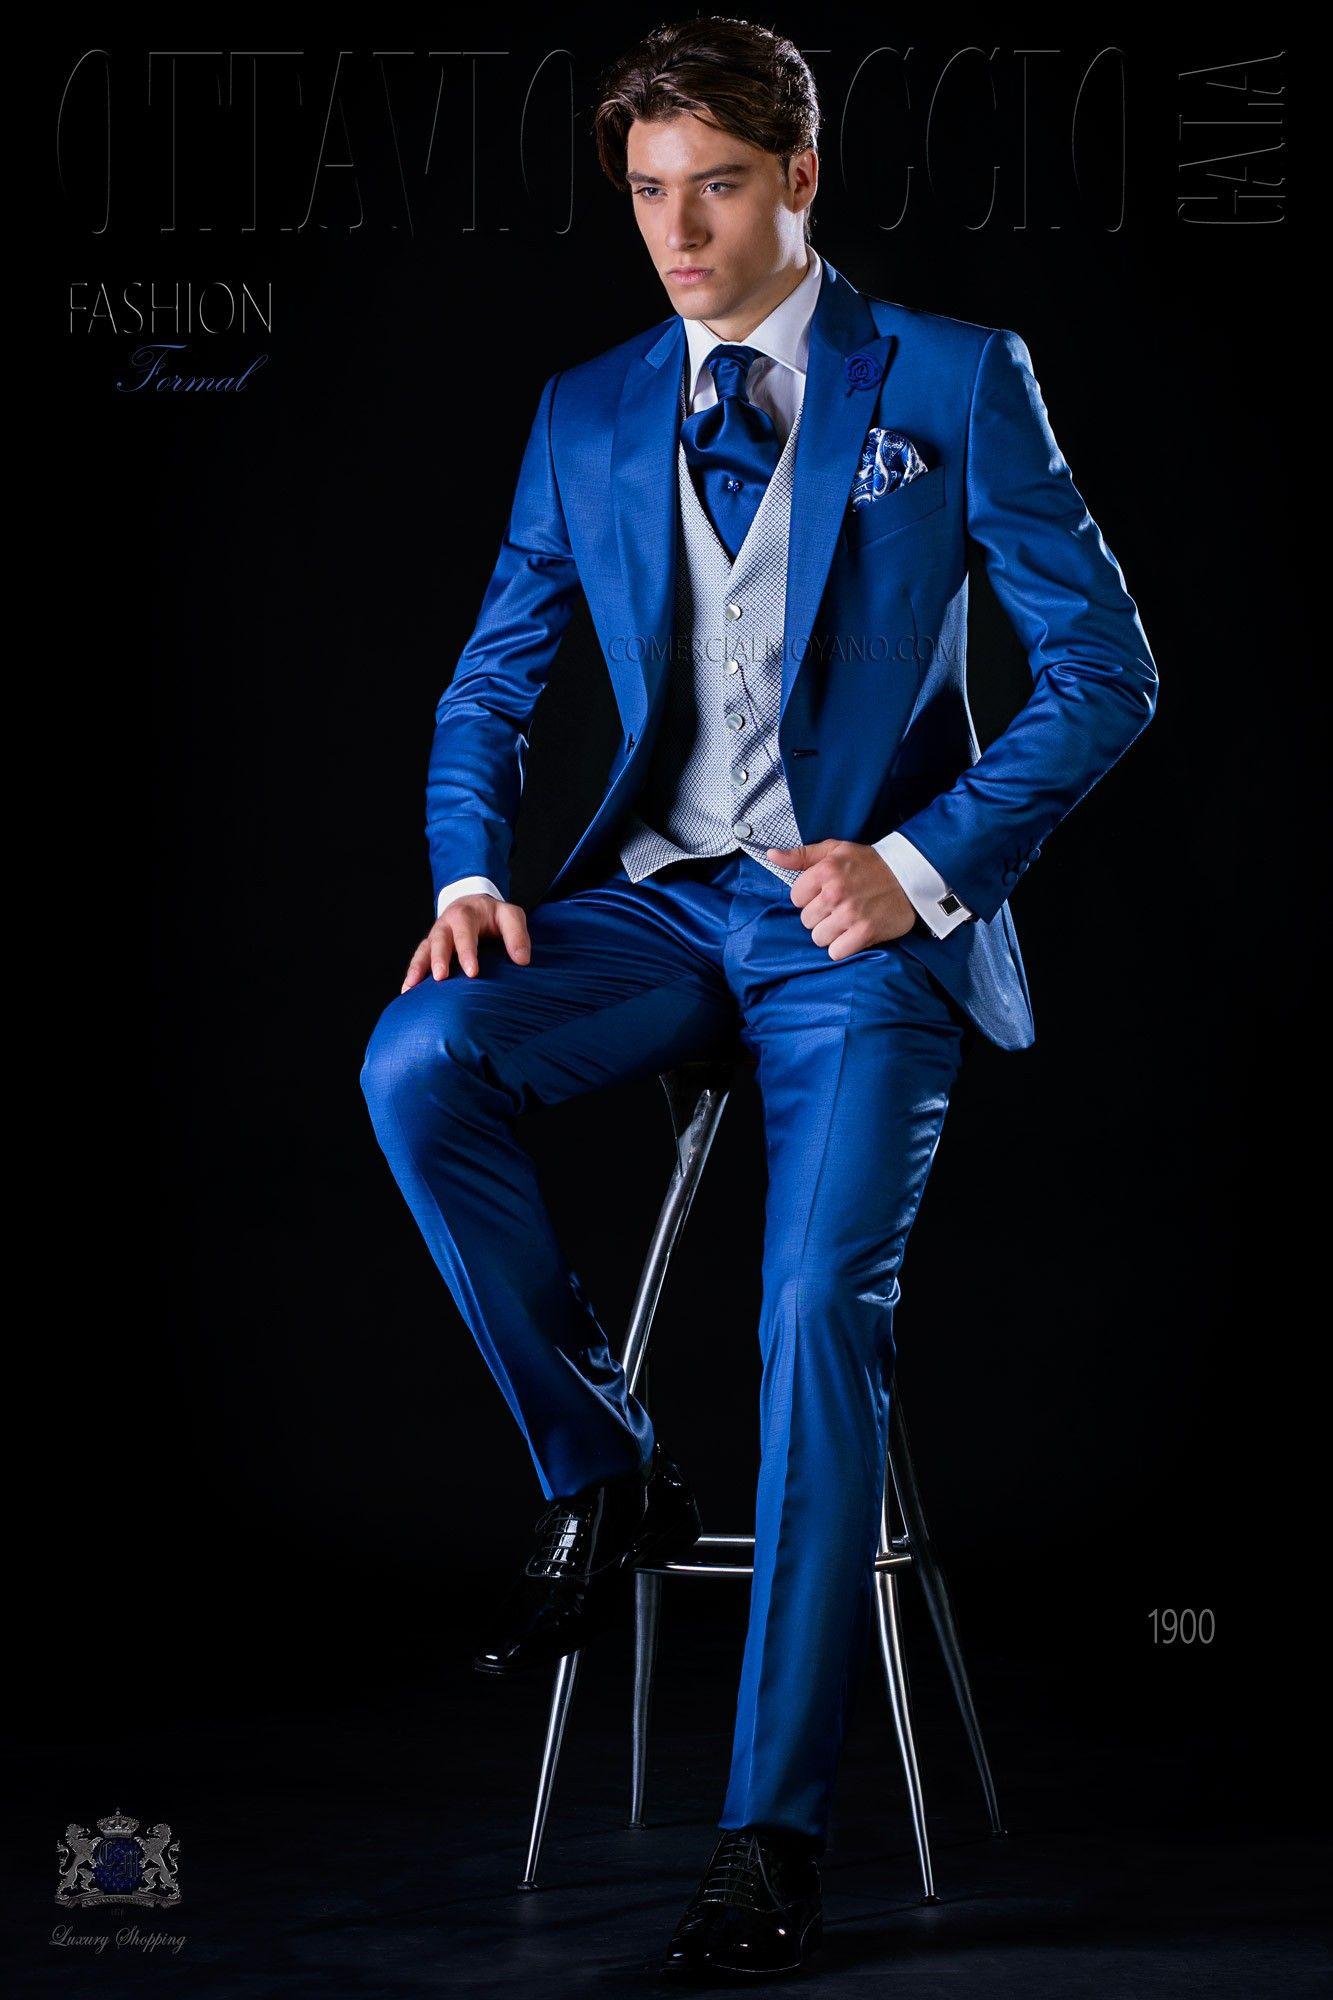 Costume de mariage bleu royal avec revers de pointe et 1 bouton en tissu de laine  mélangé. Costume de mariage 1900 Collection Fashion Formal Ottavio Nuccio  ... 84afd96c572